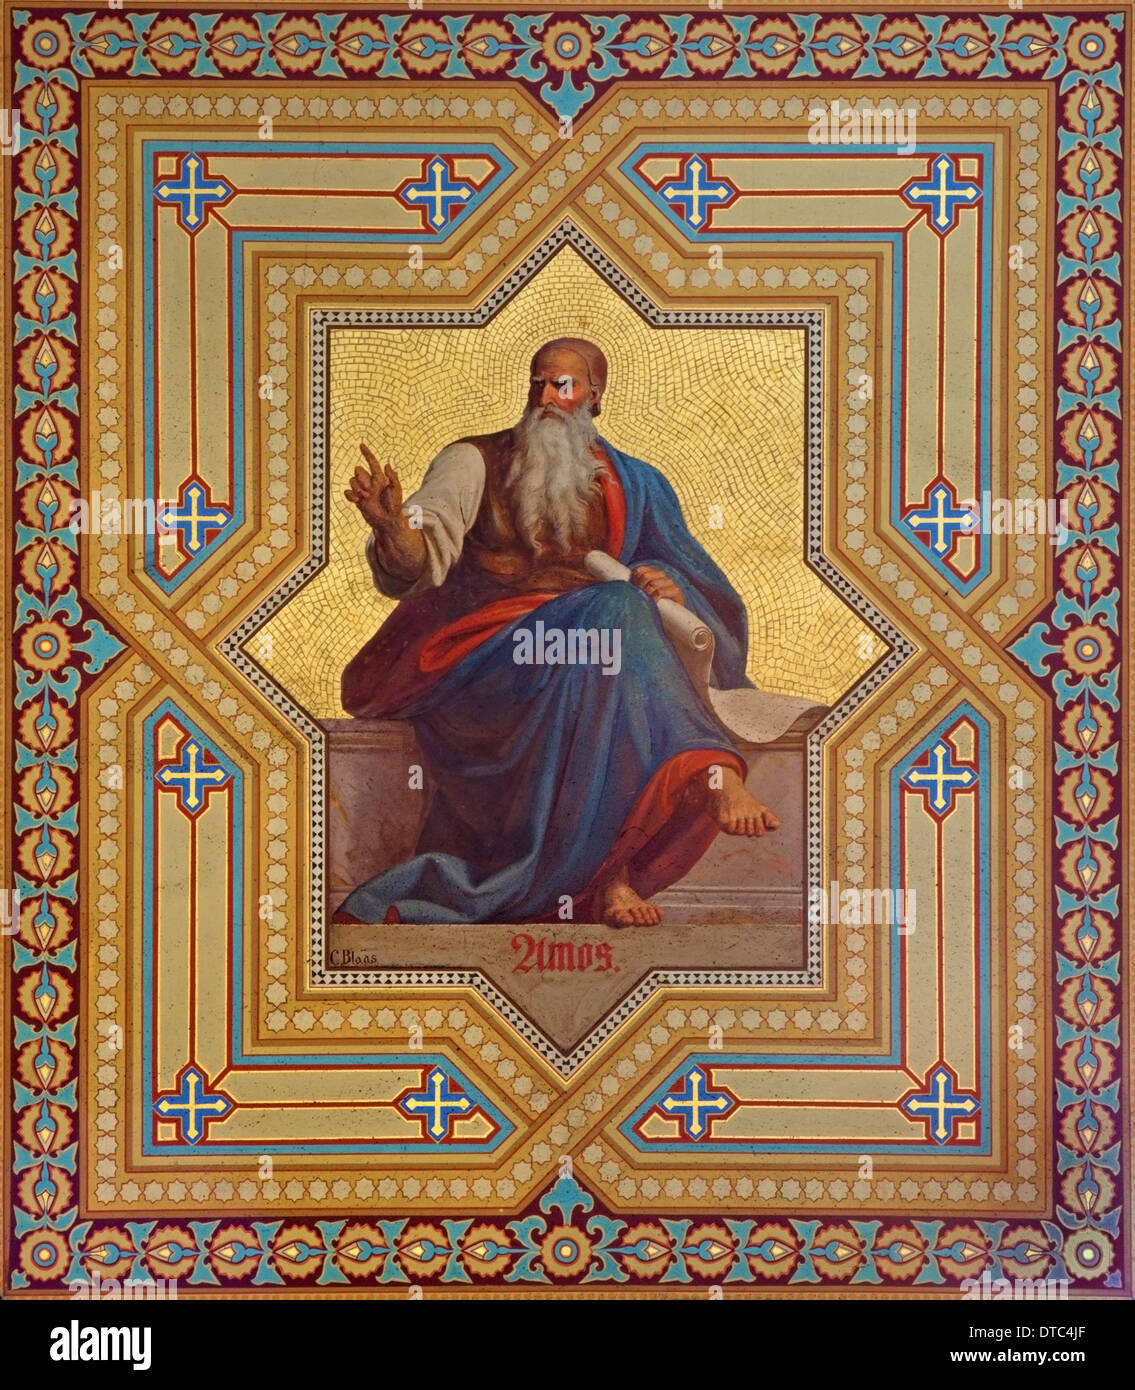 VIENNA, AUSTRIA - JULY 27, 2013: Fresco of Amos prophets by Karl von Blaas from 19. cent. in Altlerchenfelder church. - Stock Image